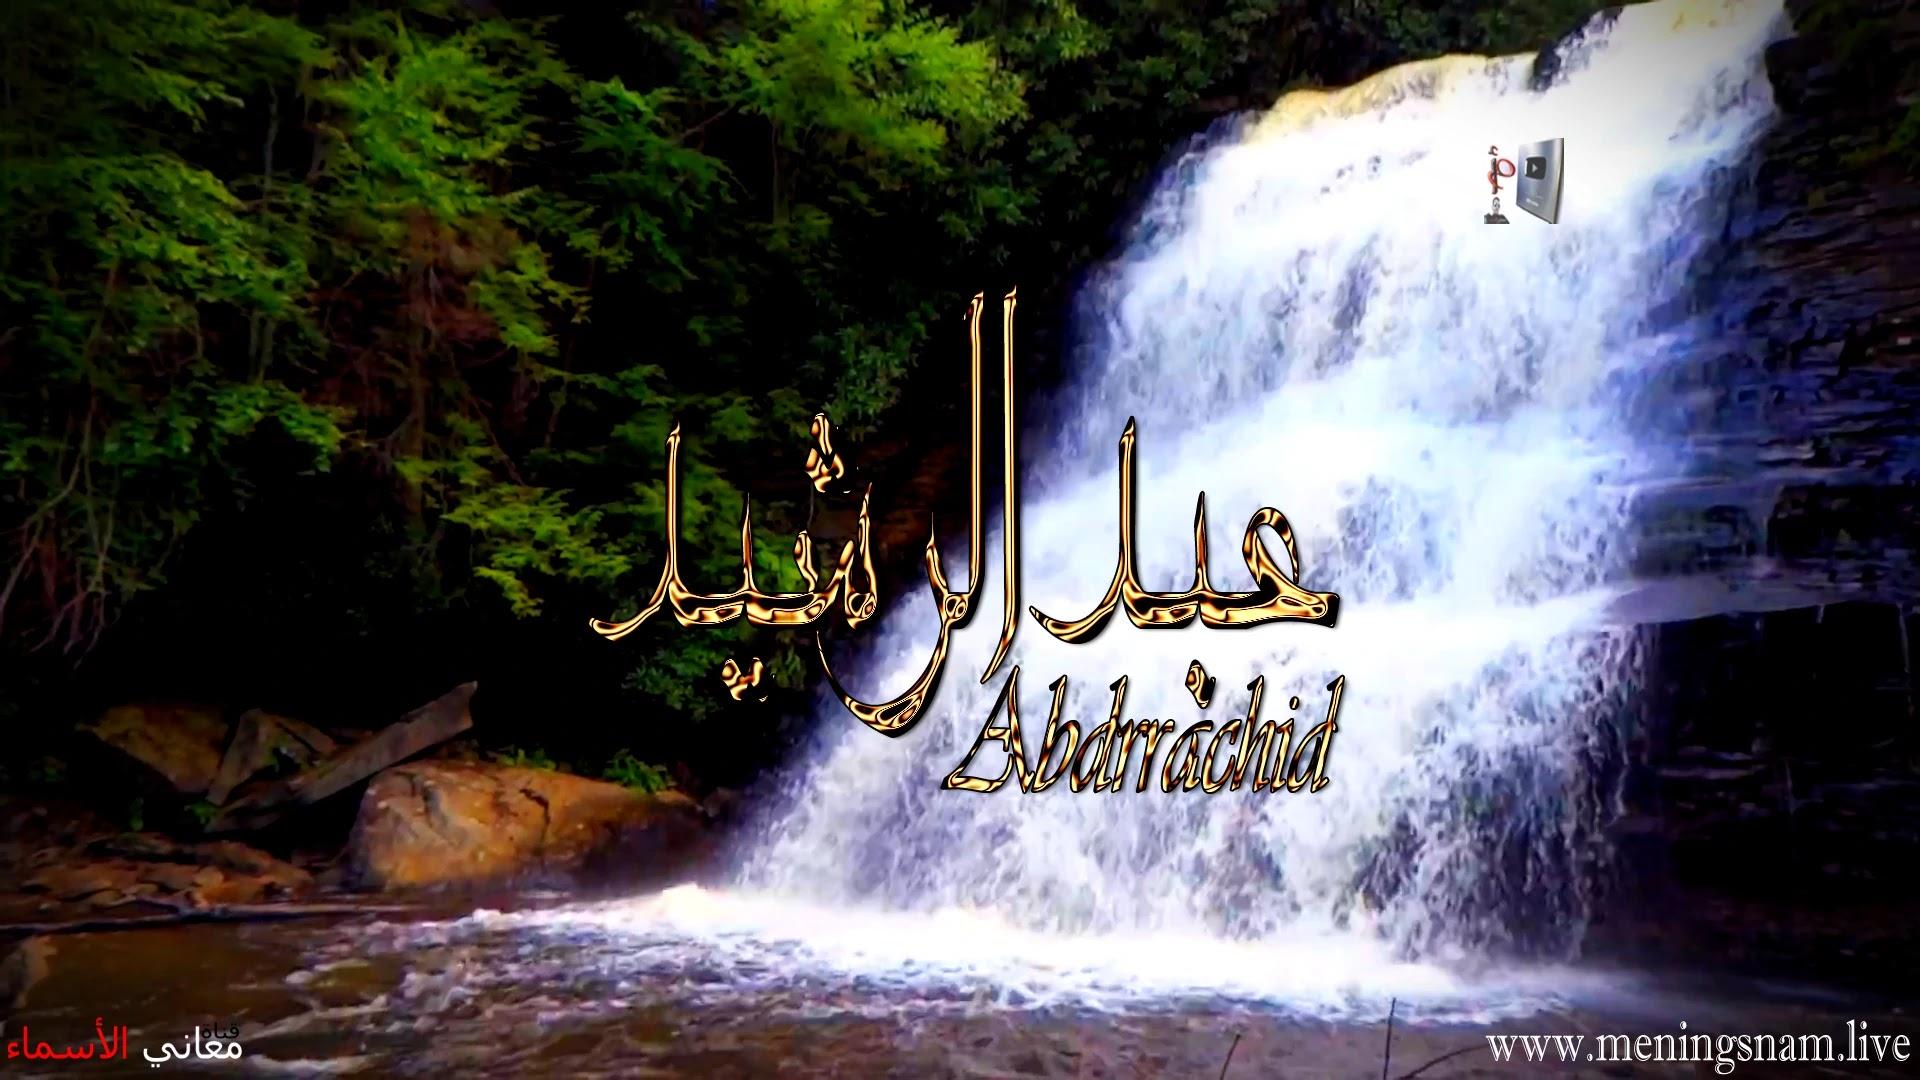 معنى اسم عبد الرشيد وصفات حامل هذا الاسم Abdurrasheed